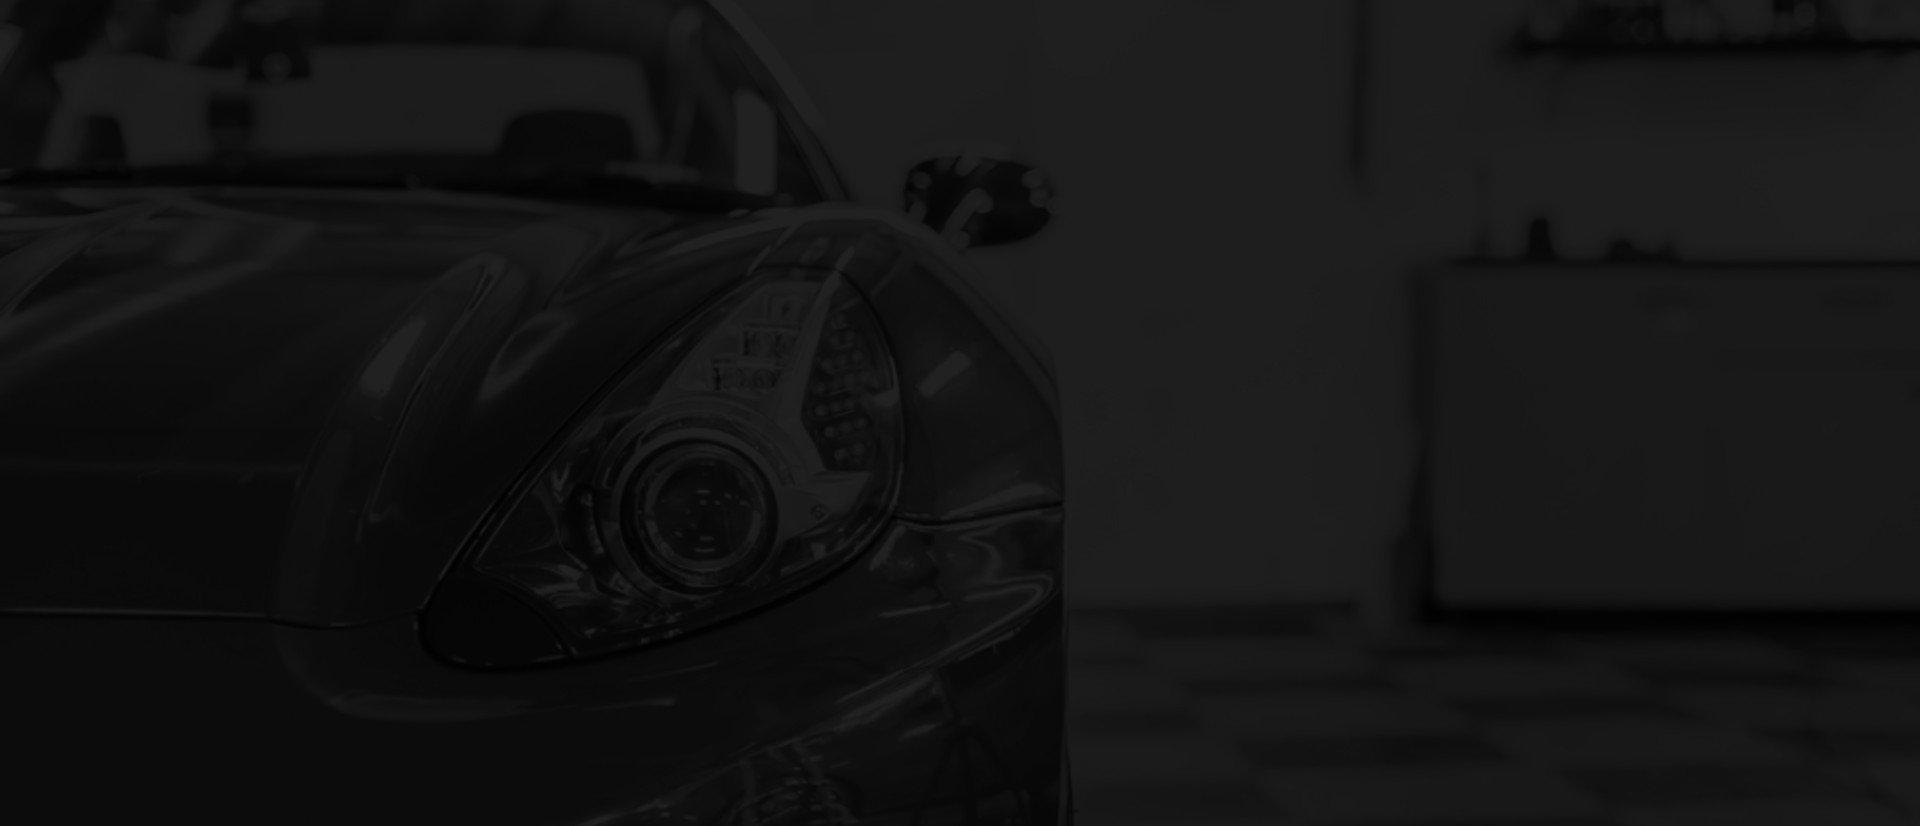 Przyciemnione zdjęcie sportowego samochodu